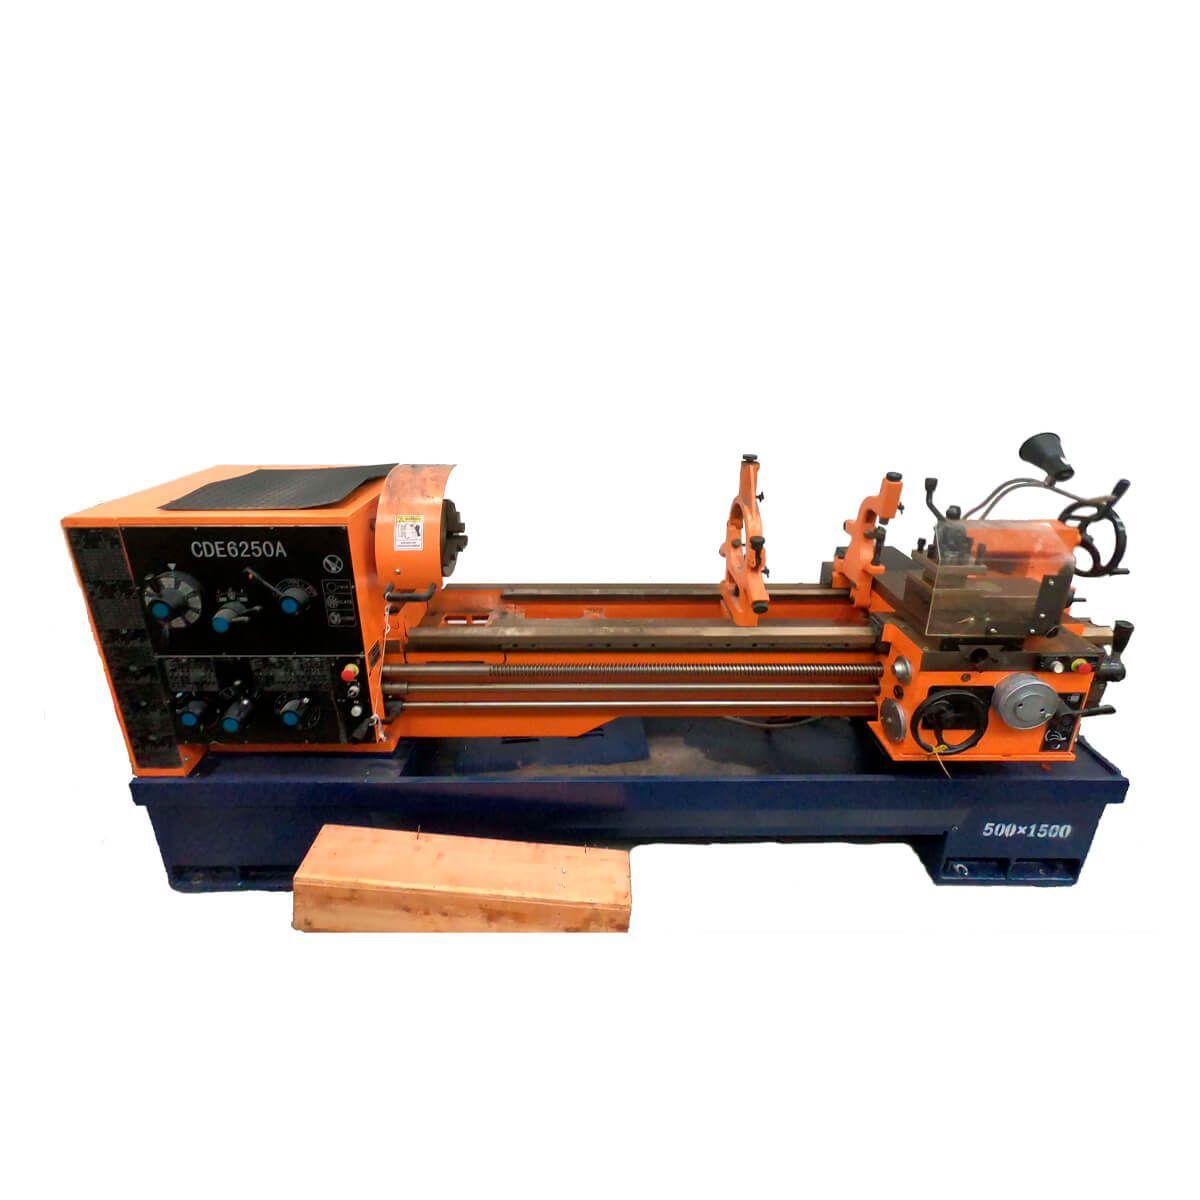 Torno Mecanico Mod. Cde6250a 500 X 1500